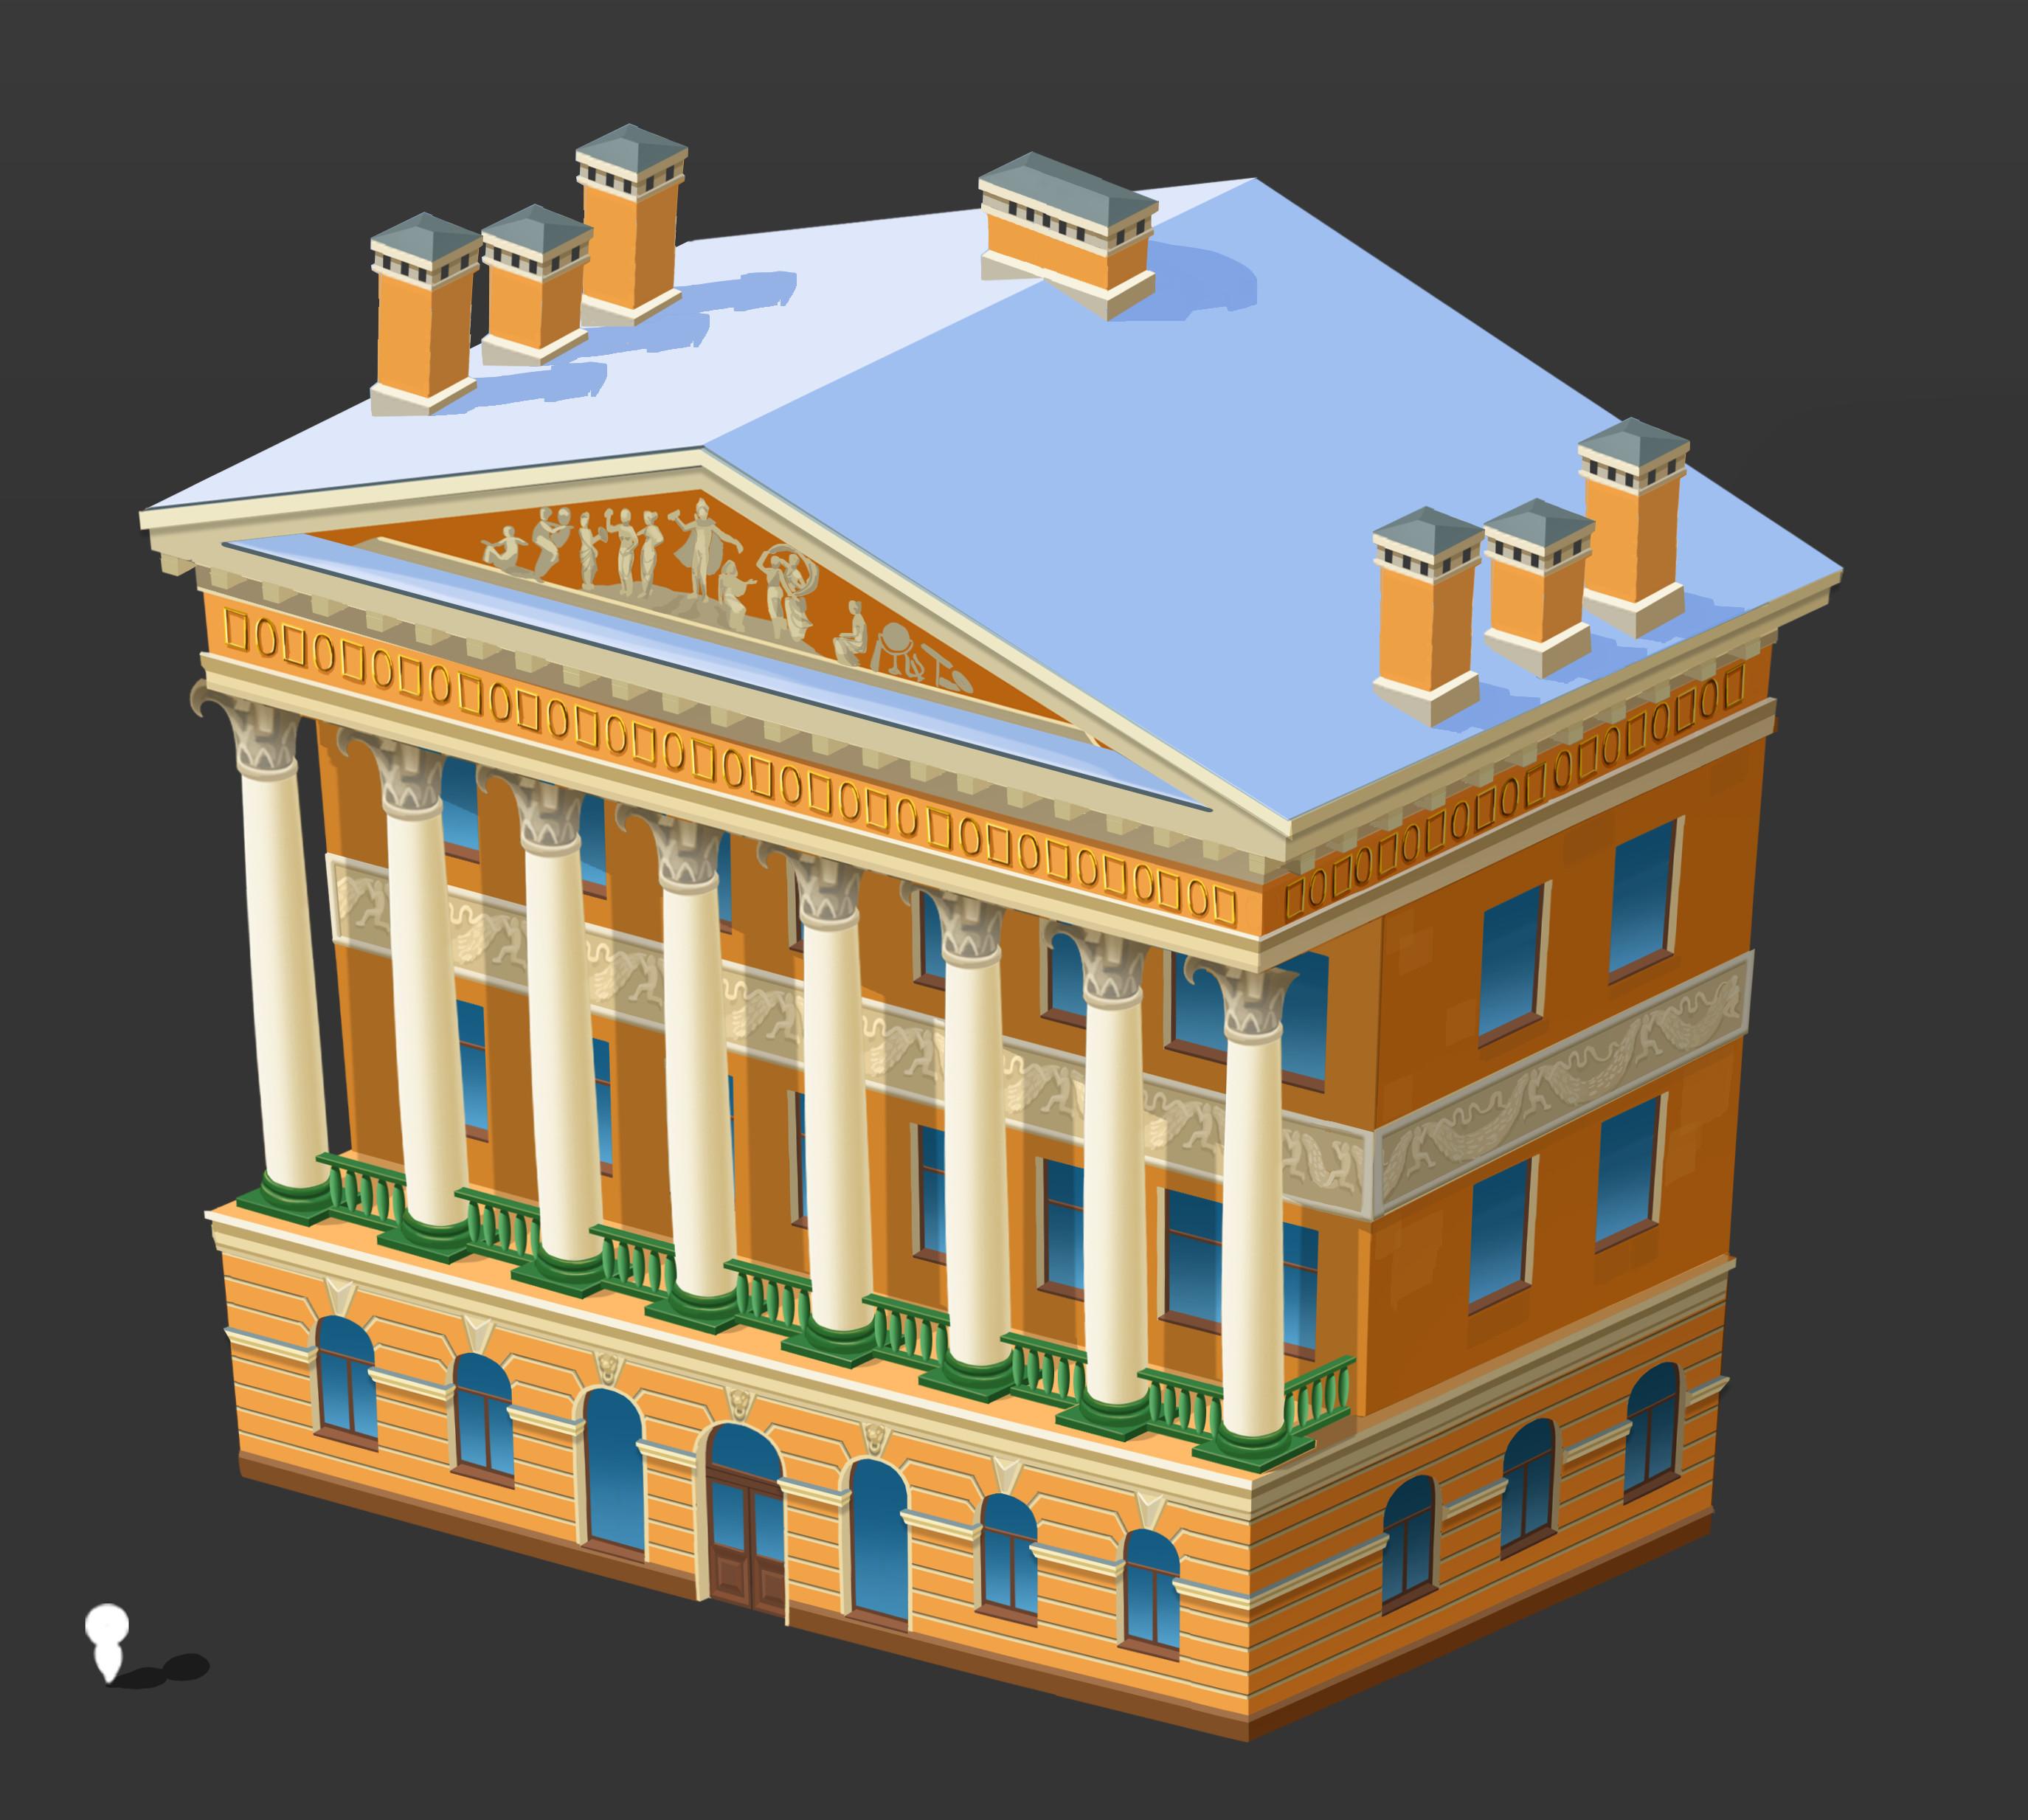 Rumyancev house